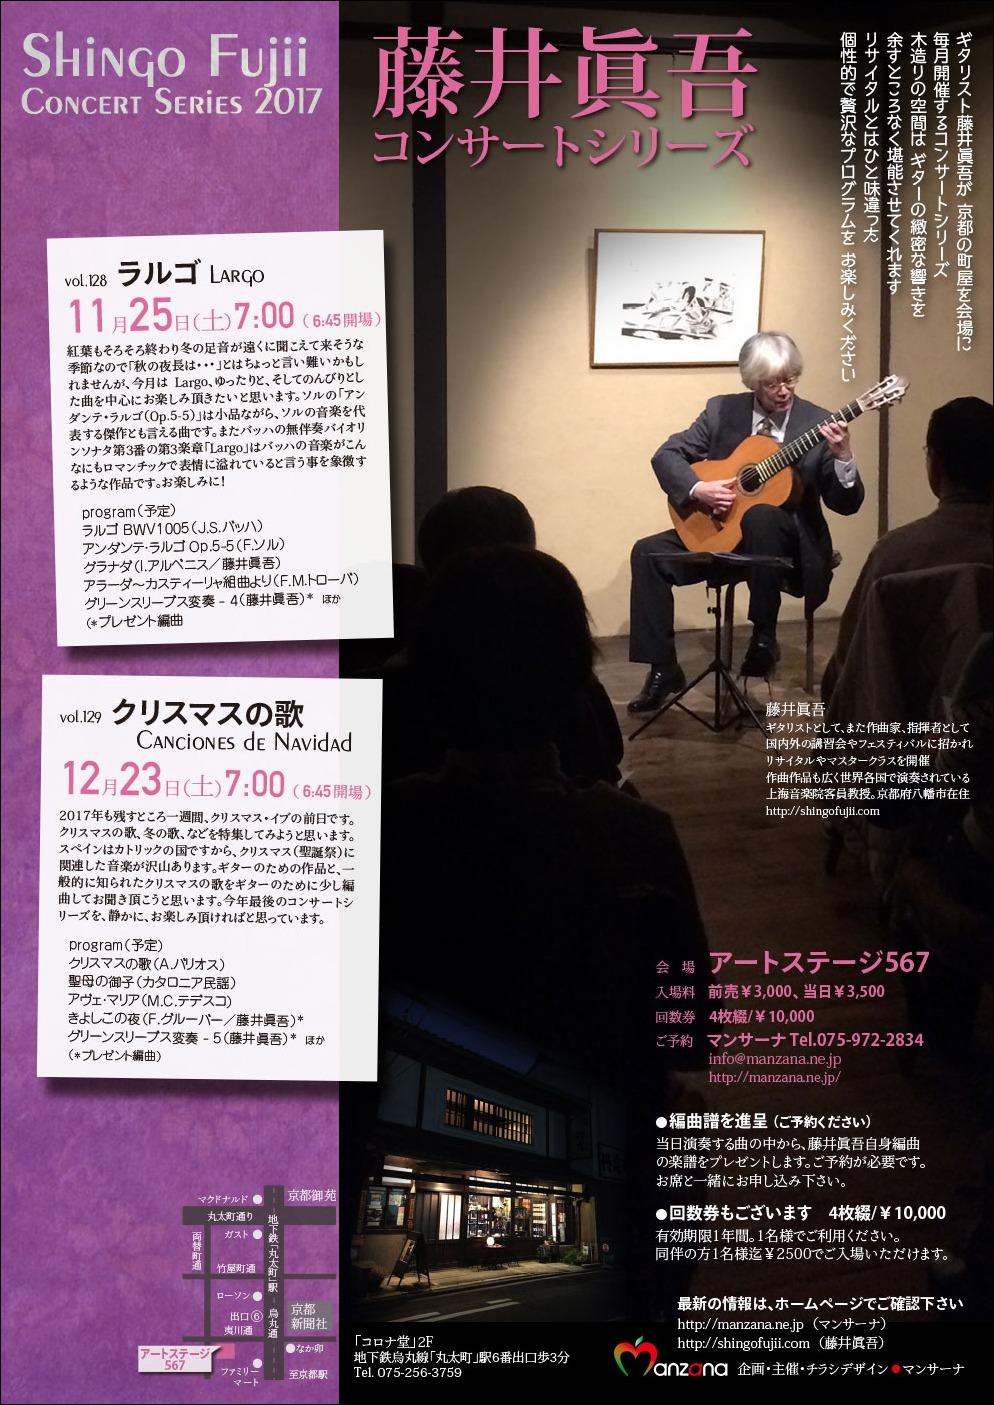 藤井眞吾コンサートシリーズ新しいチラシ_e0103327_2342399.jpg